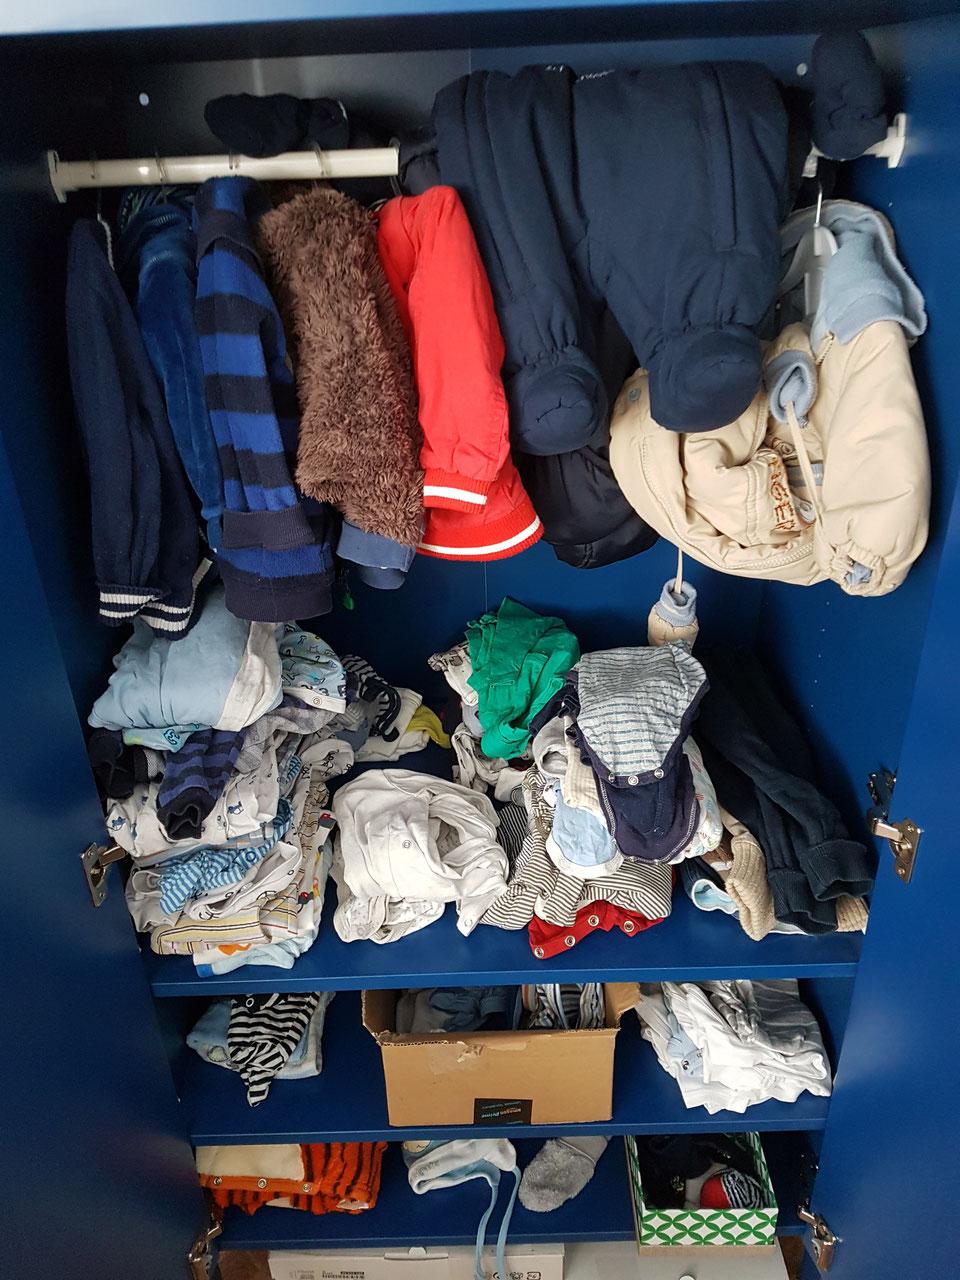 bc22dab933c301 Juniors gut ausgestatteter Kleiderschrank. Etwa 80% seiner Kleidung haben  wir gebraucht erstanden.